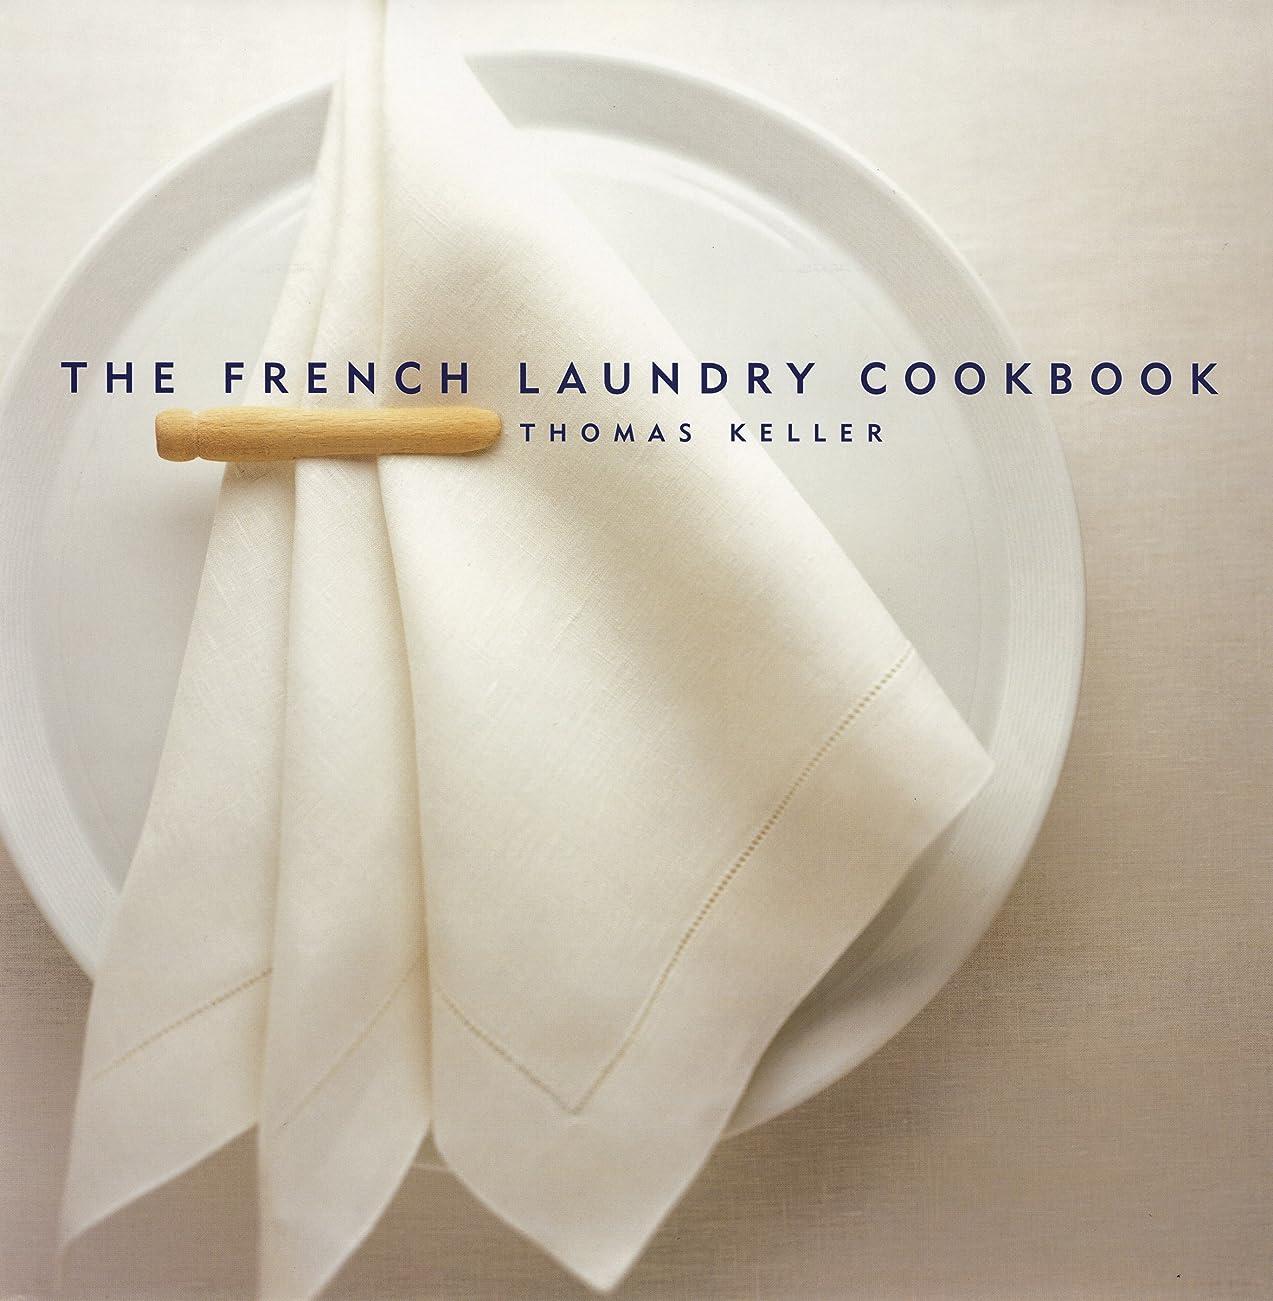 ヘッドレススタジアム体細胞The French Laundry Cookbook (The Thomas Keller Library) (English Edition)